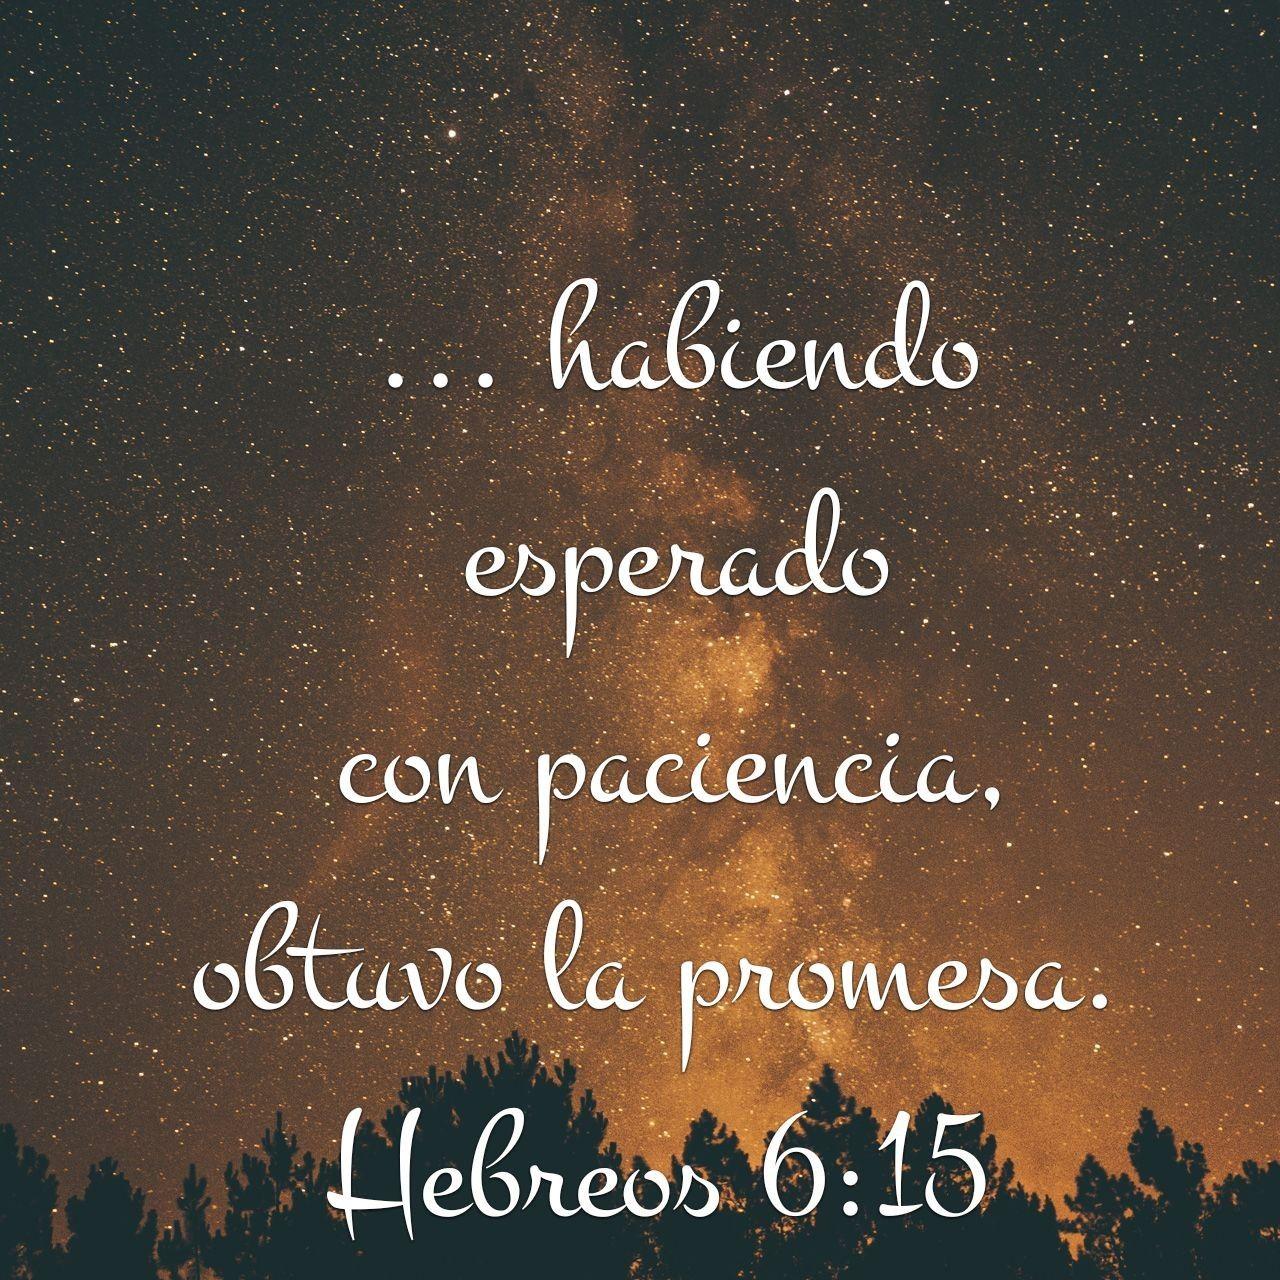 Versiculos Biblicos De Promesas De Dios: Hebreos 6:15 Promesas De Dios